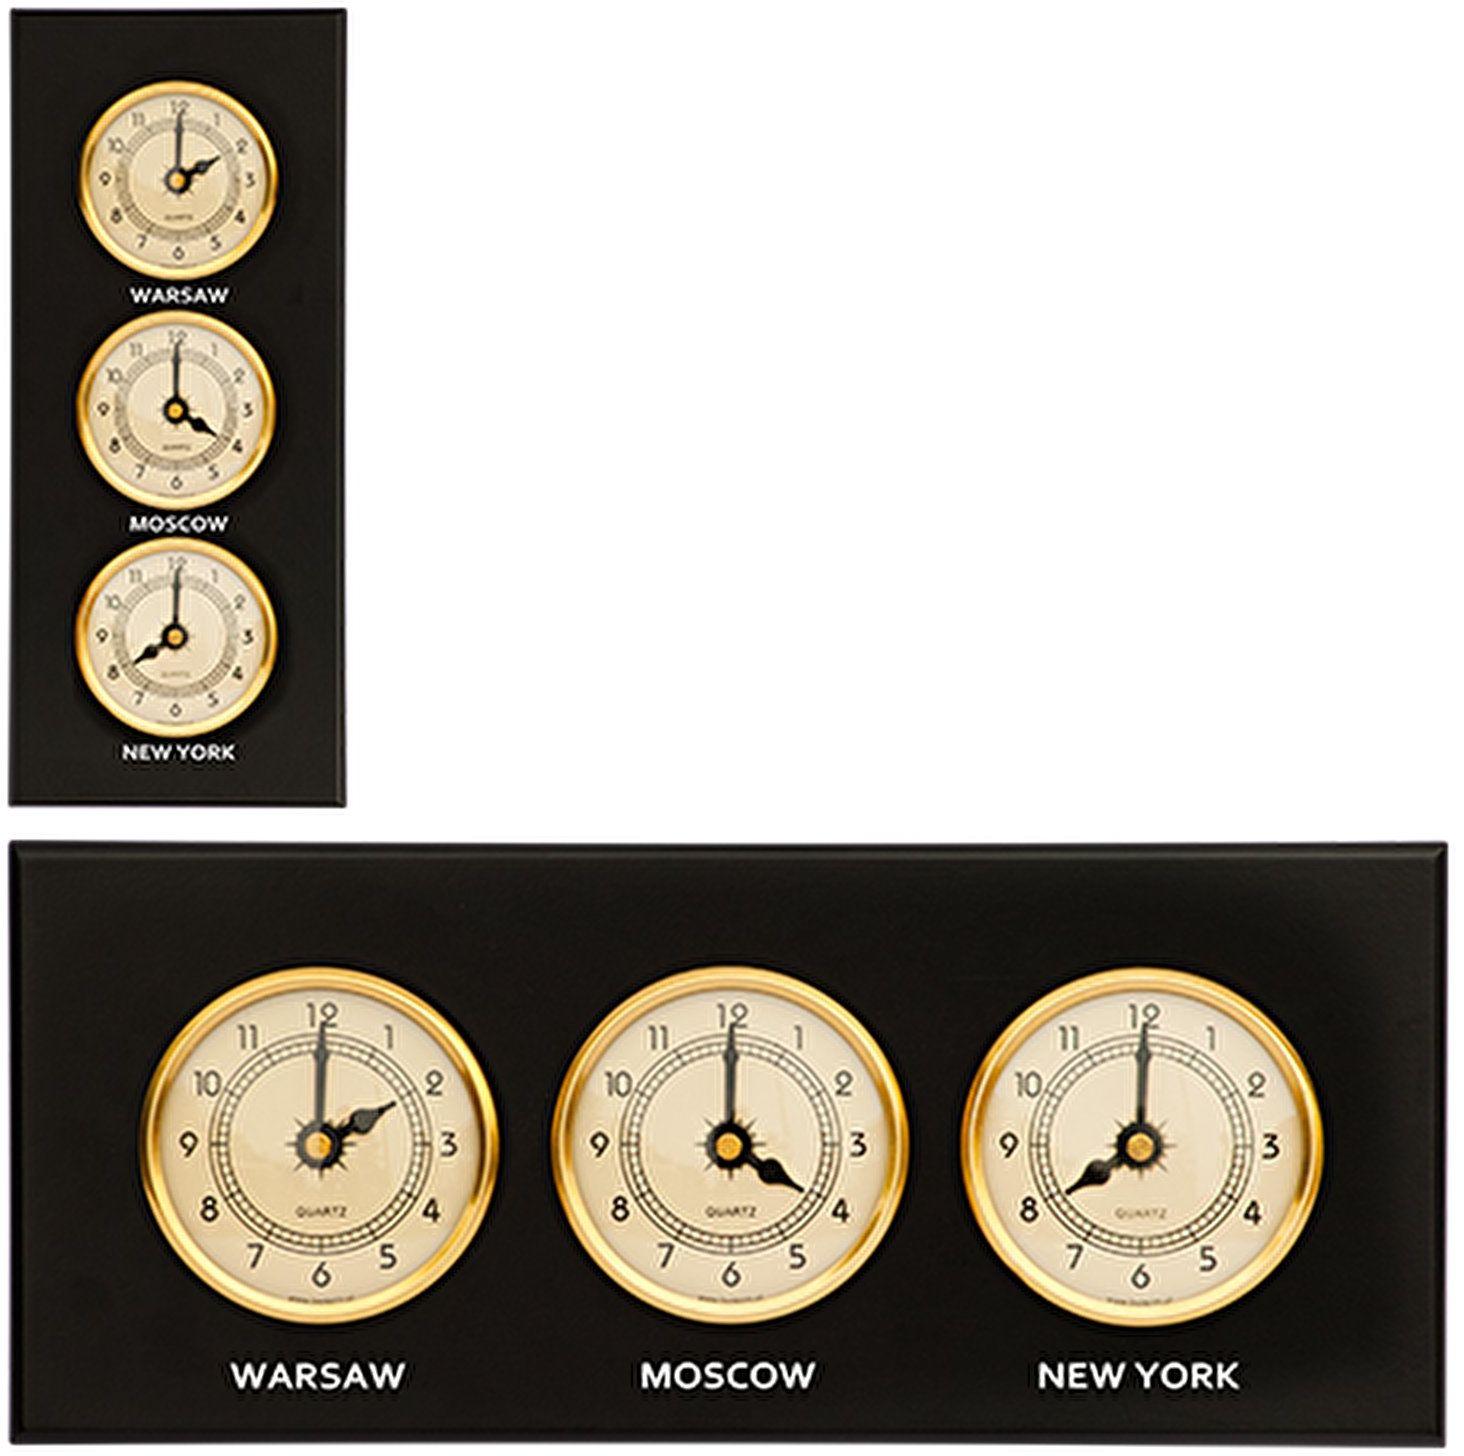 Zegar 3 w 1 (piaskowe tarcze)